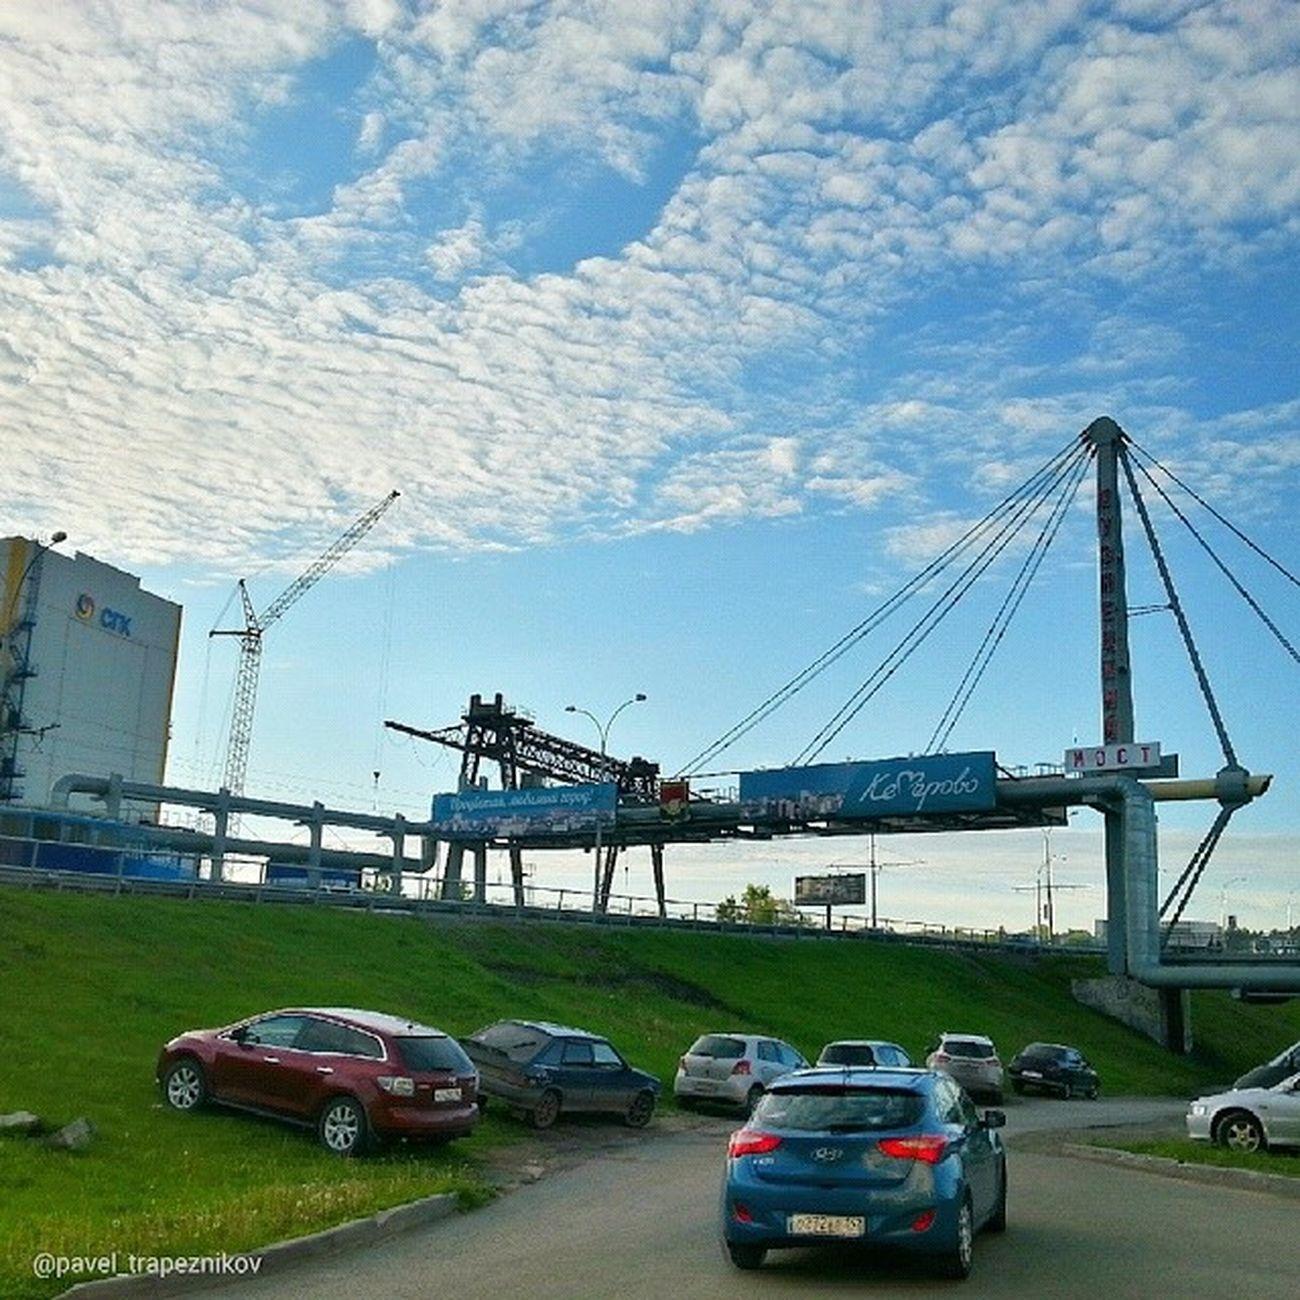 20140612 , Кемерово . кузнецкиймост . Ванты / Kemerovo. Kuznetskу bridge.